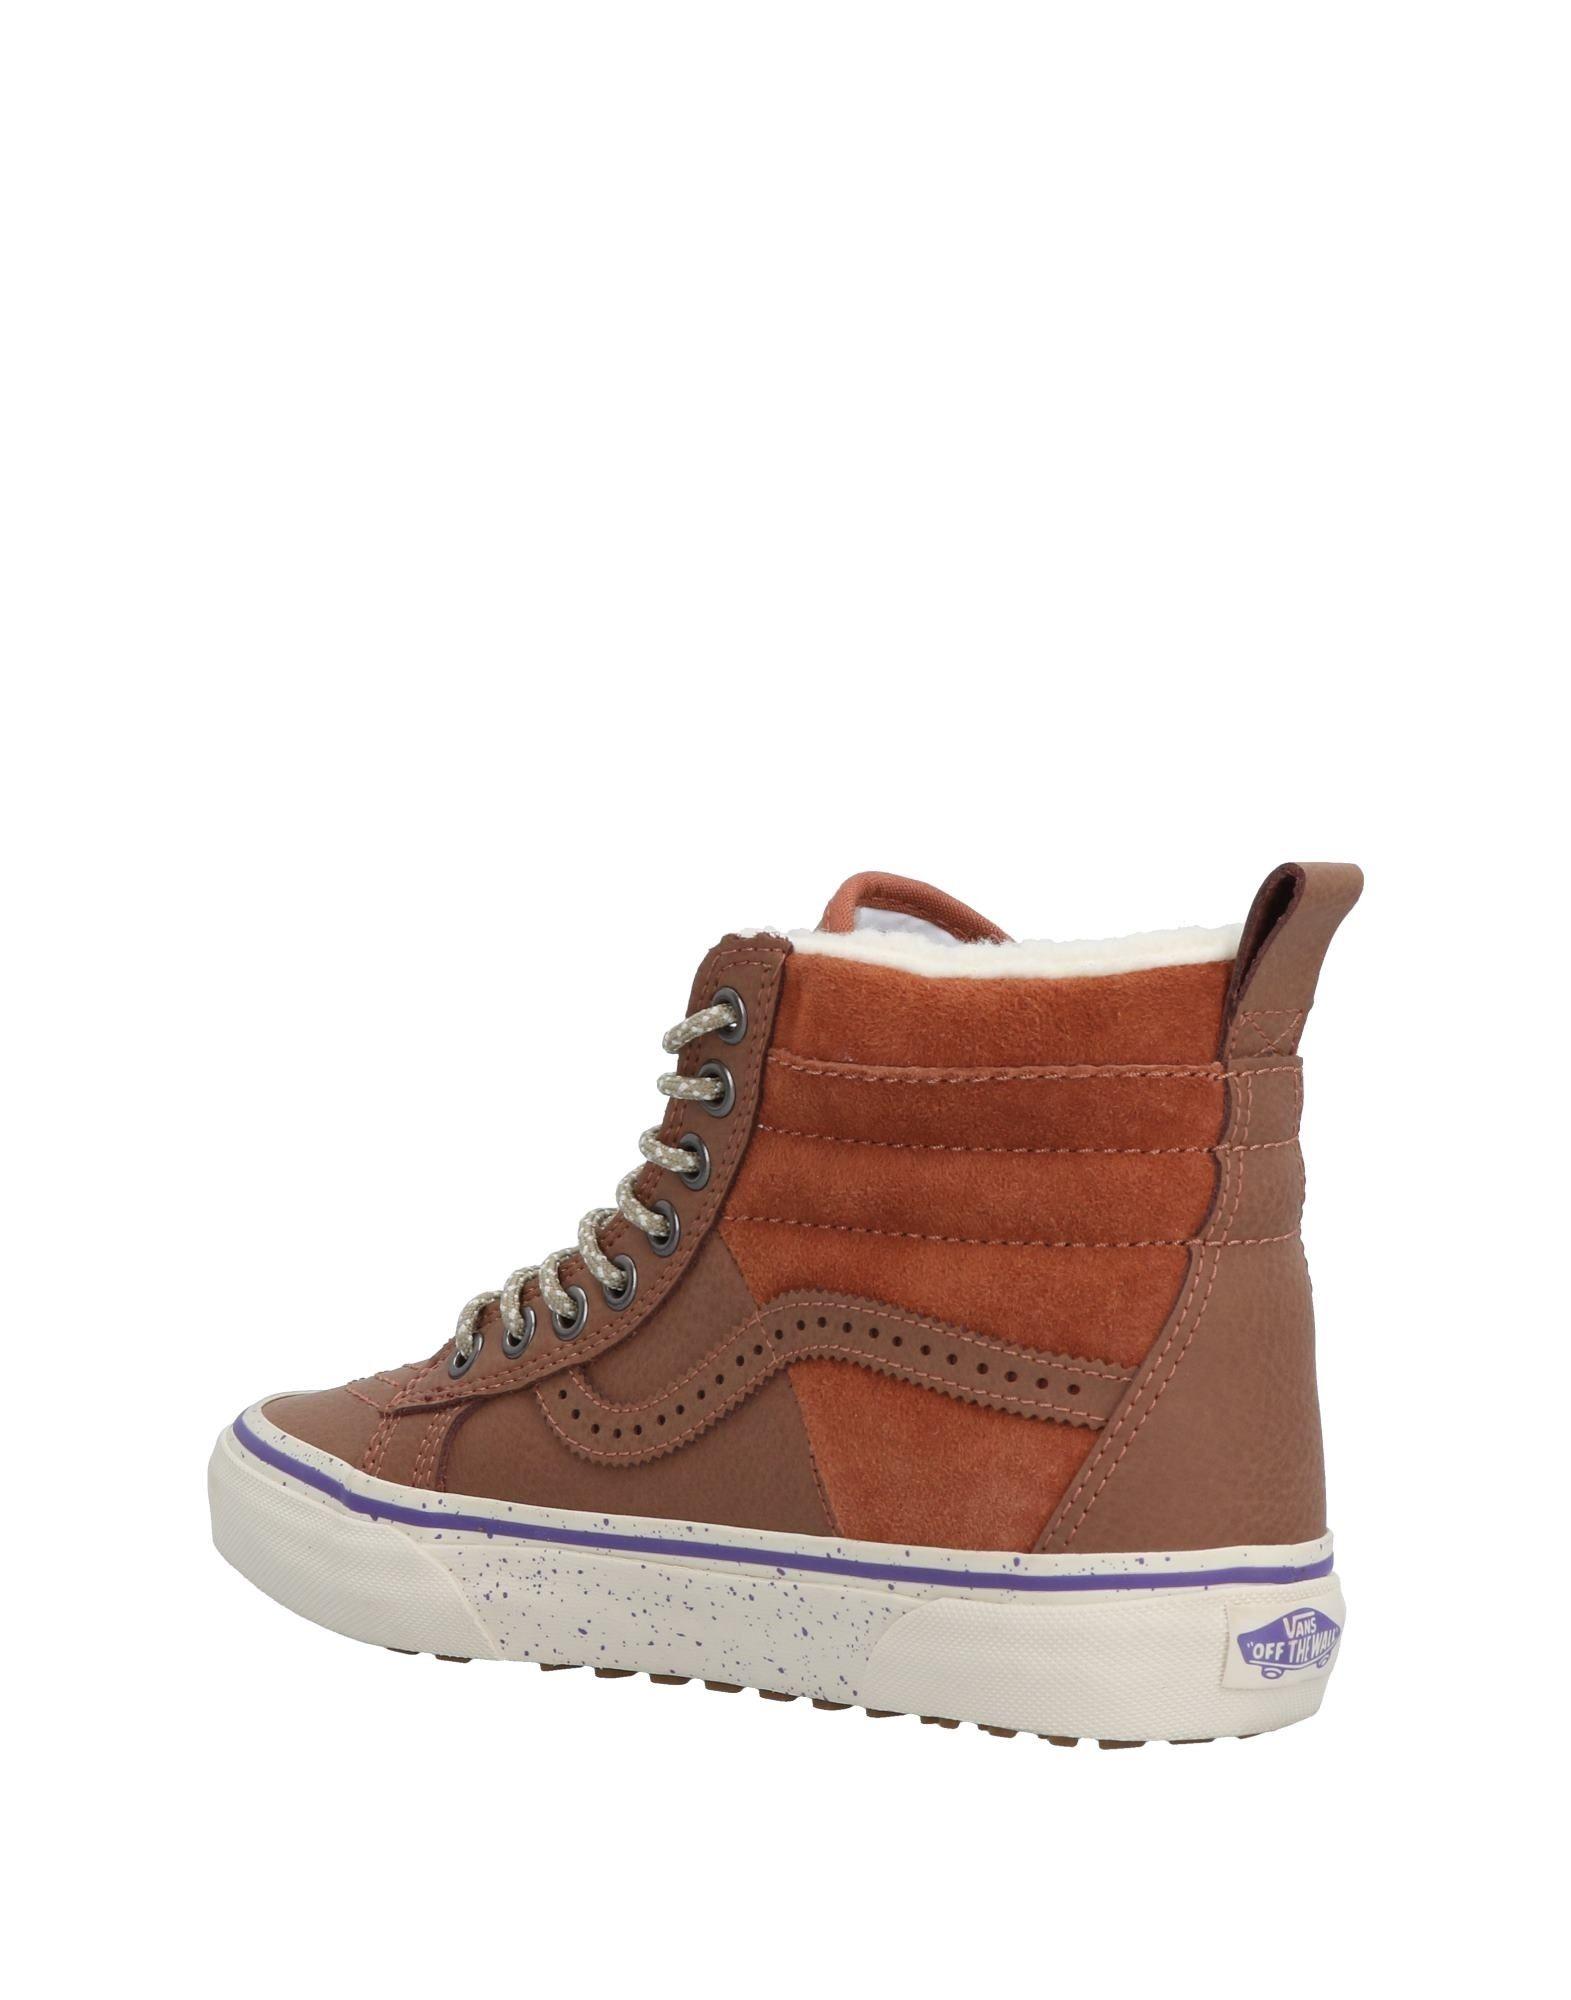 Vans Sneakers Damen   Damen 11494542GH Gute Qualität beliebte Schuhe 4ea8f8